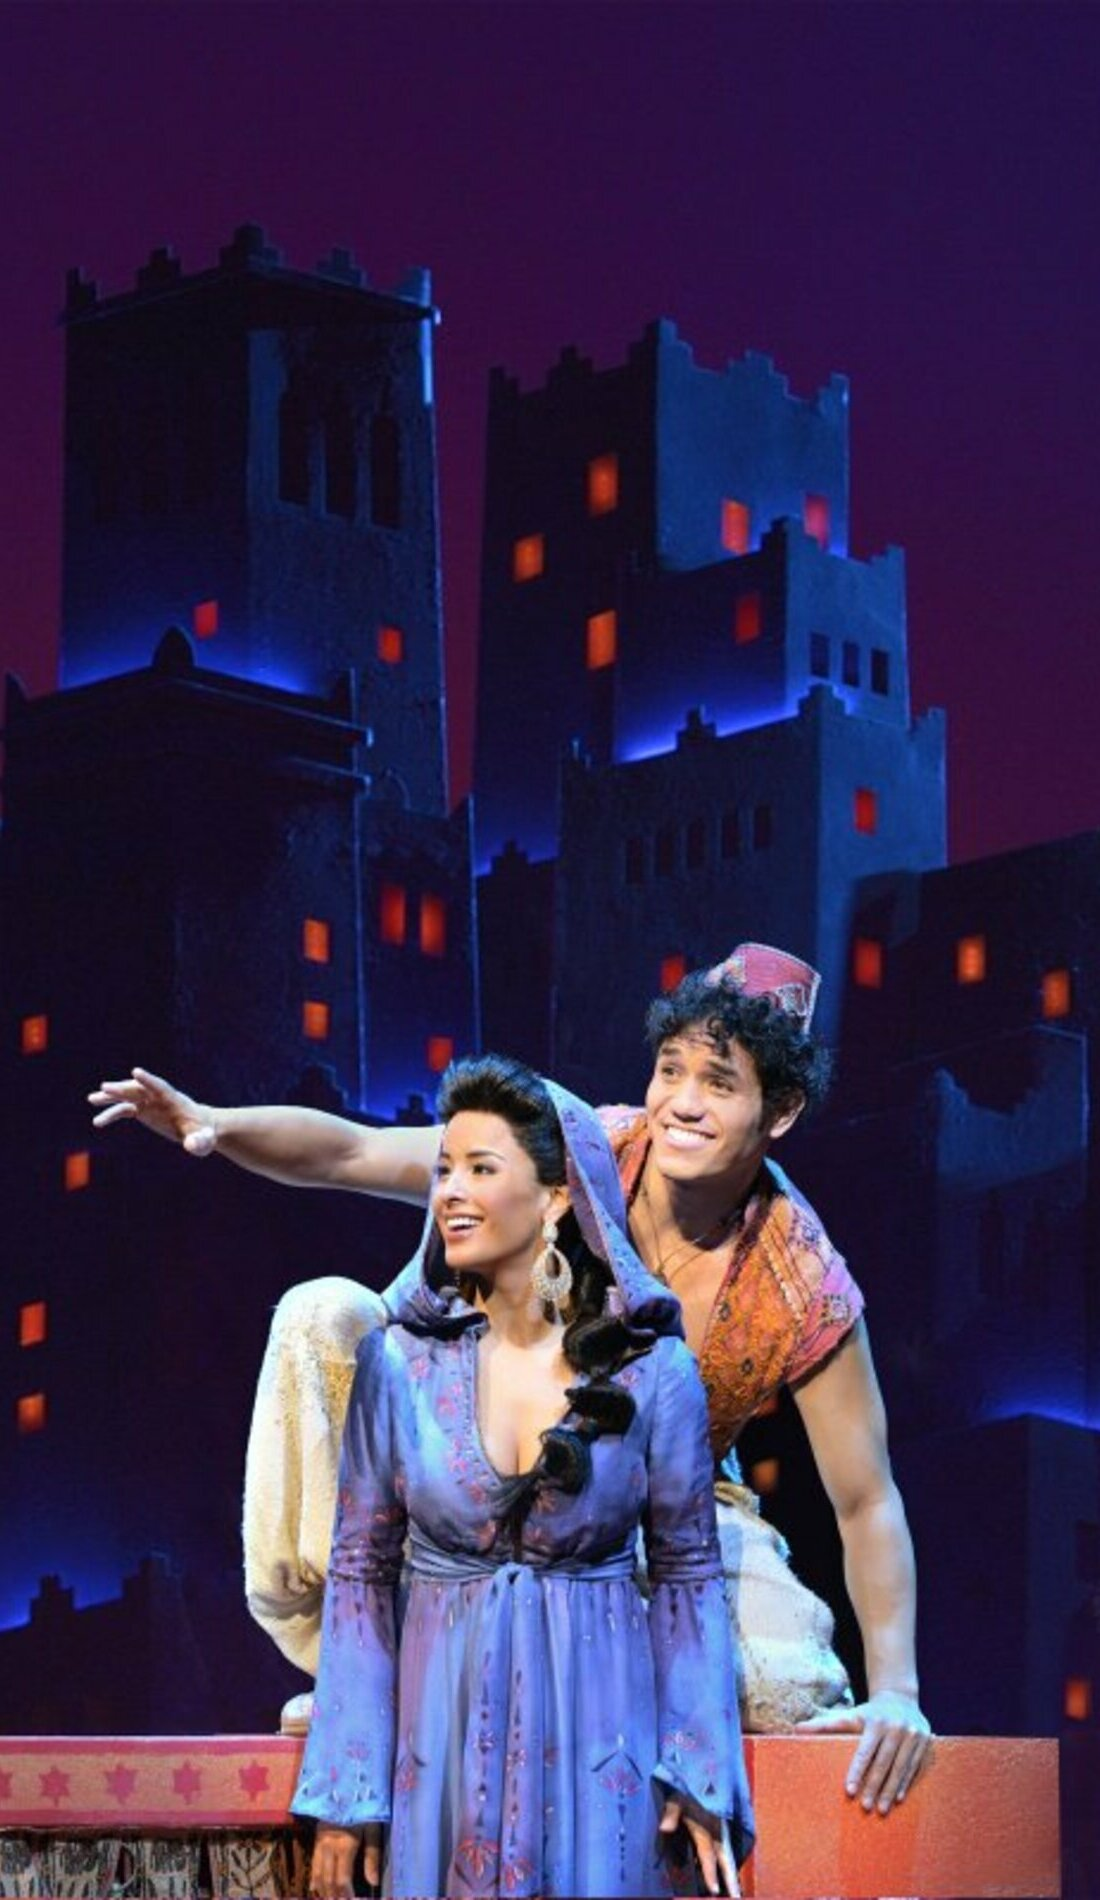 A Aladdin live event